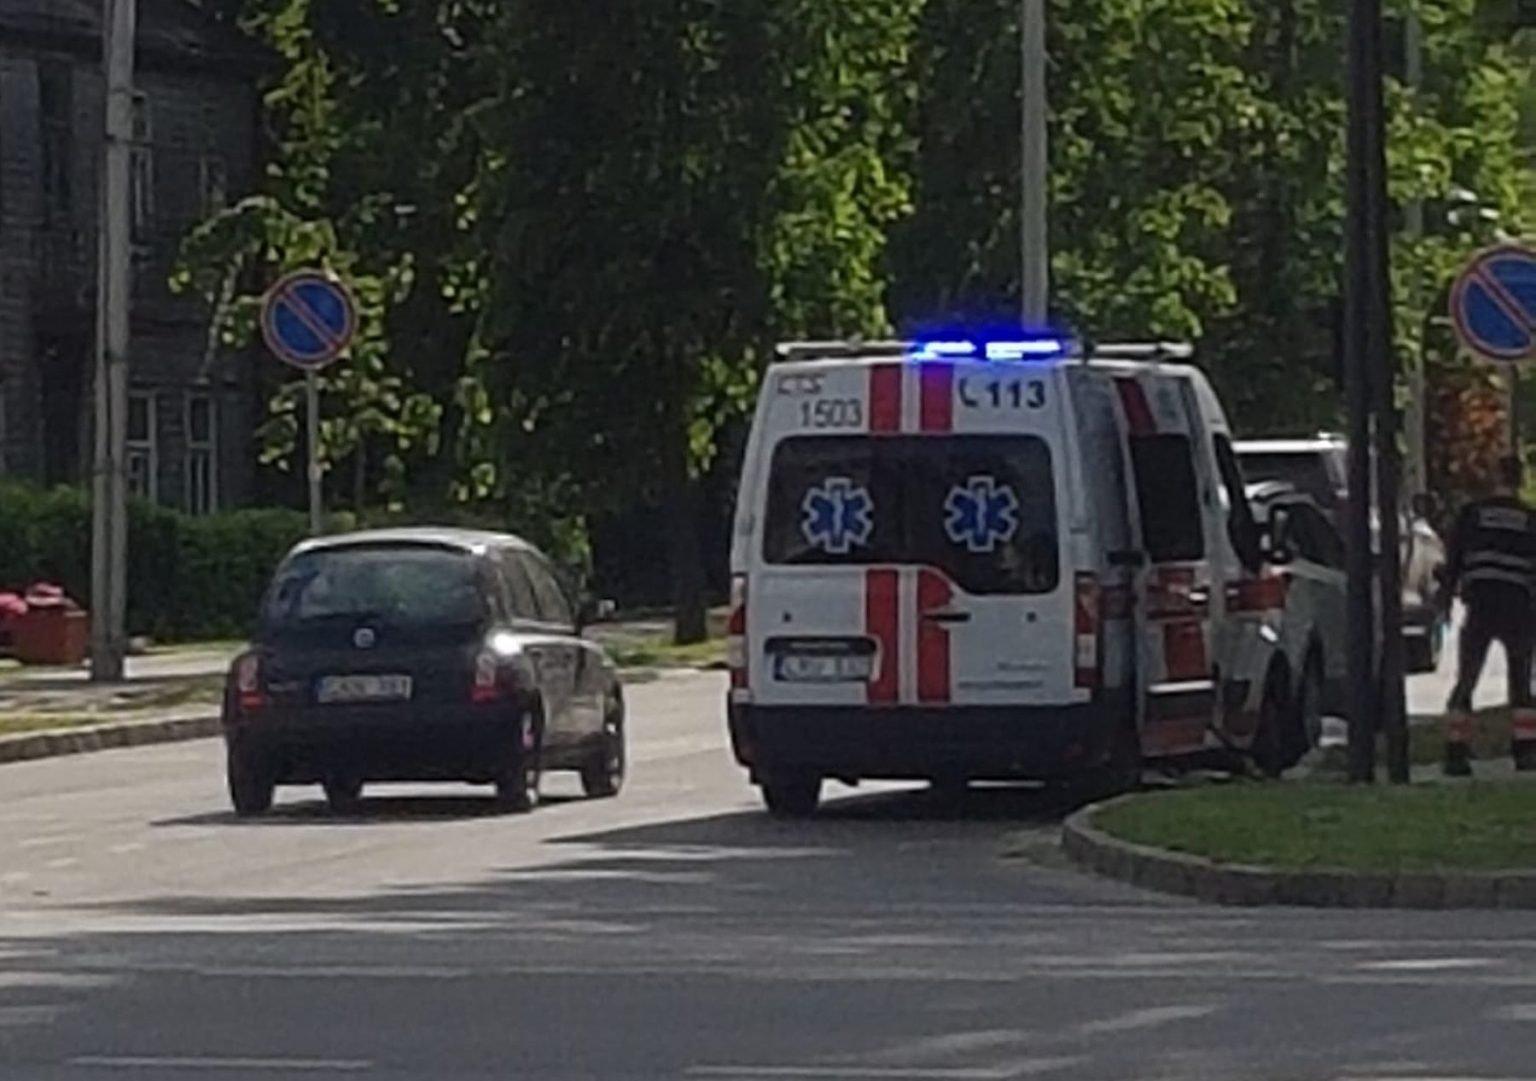 Automobilis kliudė paspirtuku važiavusią mažametę mergaitę